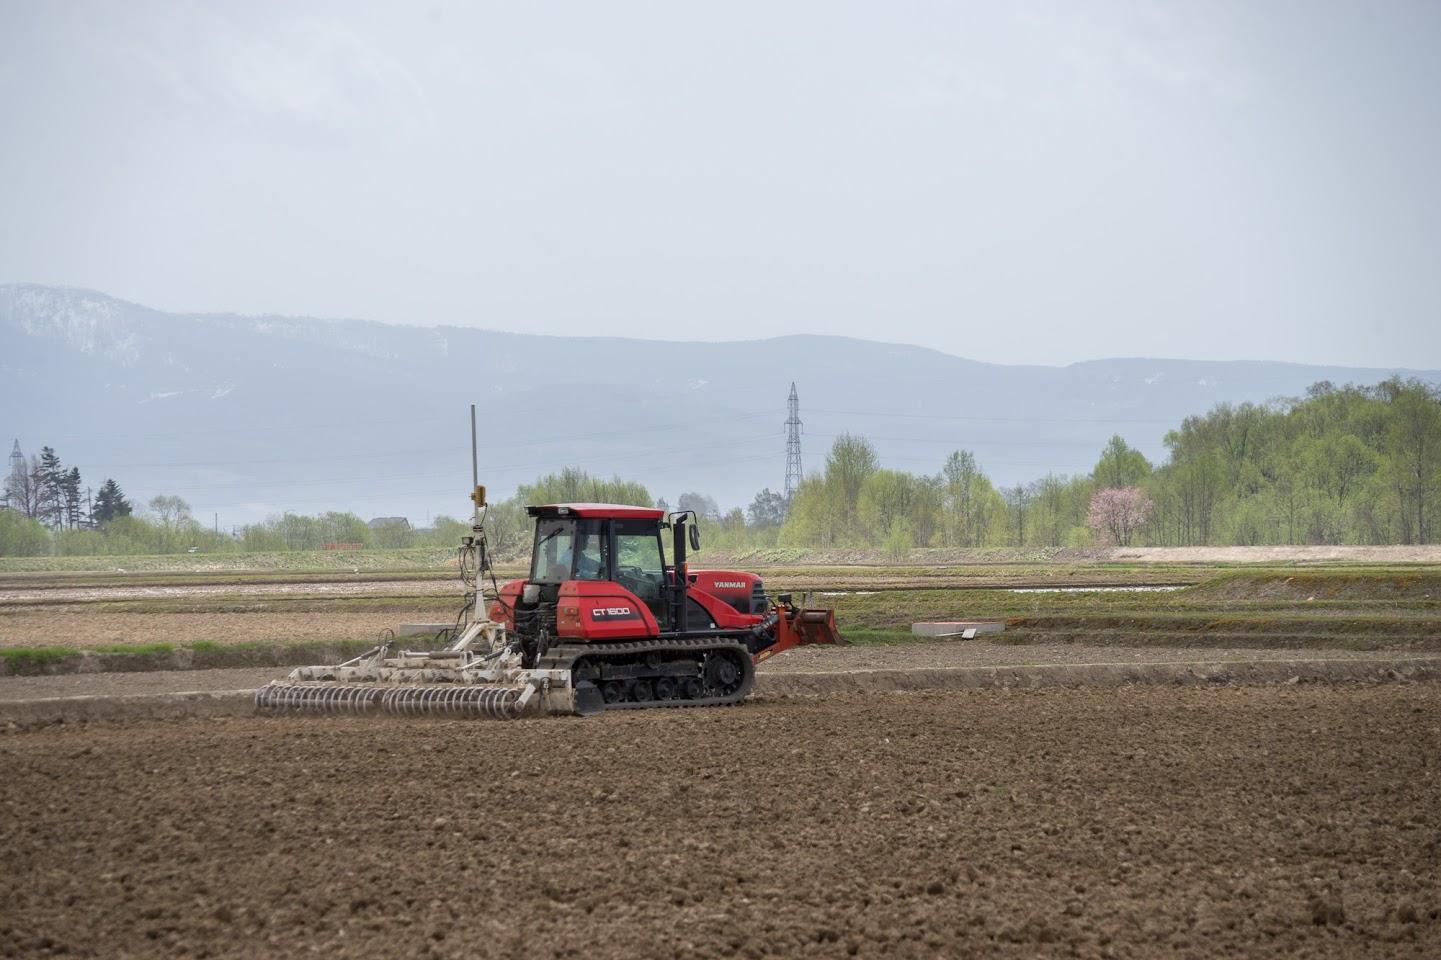 圃場を水平に設定作業中